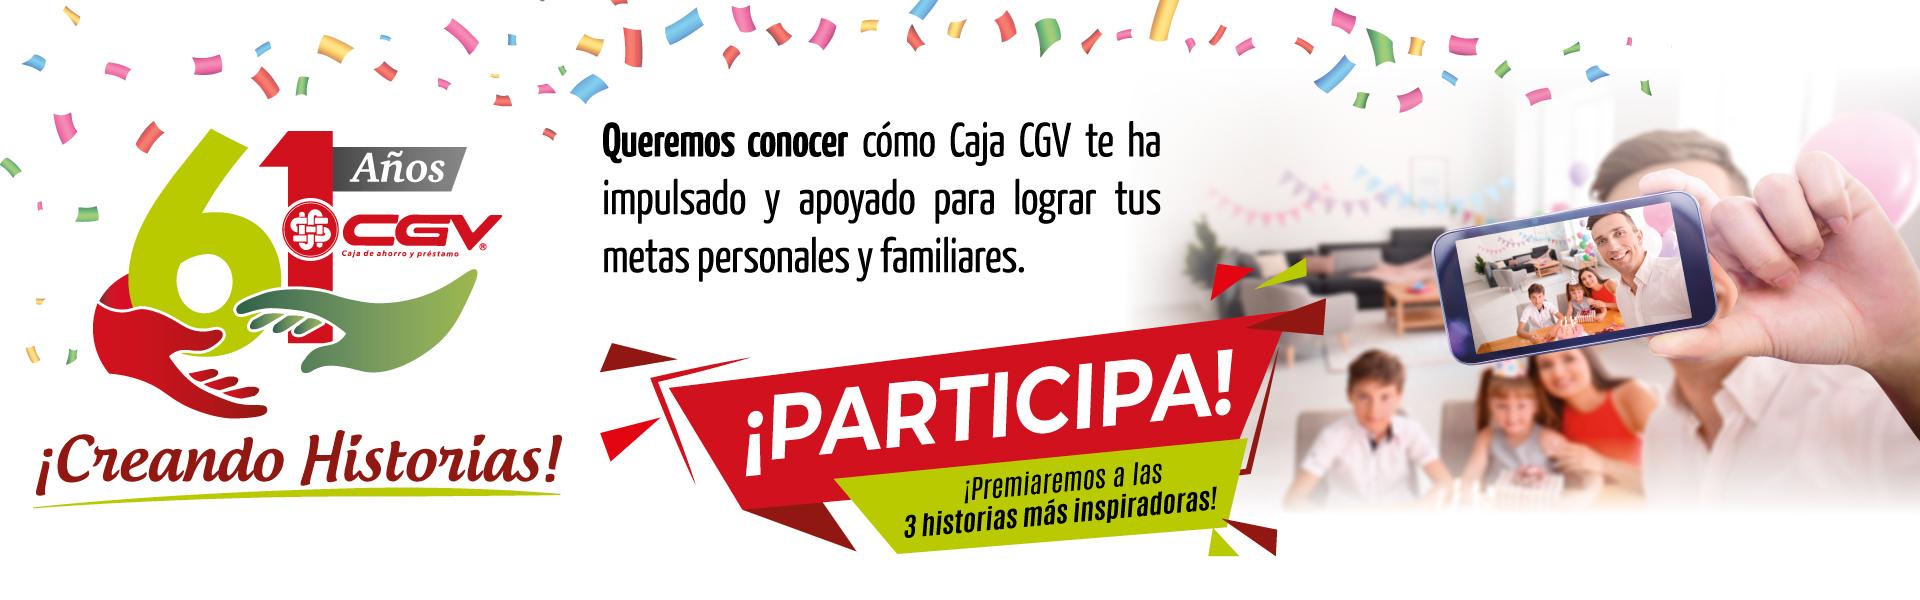 61aniversario CGV